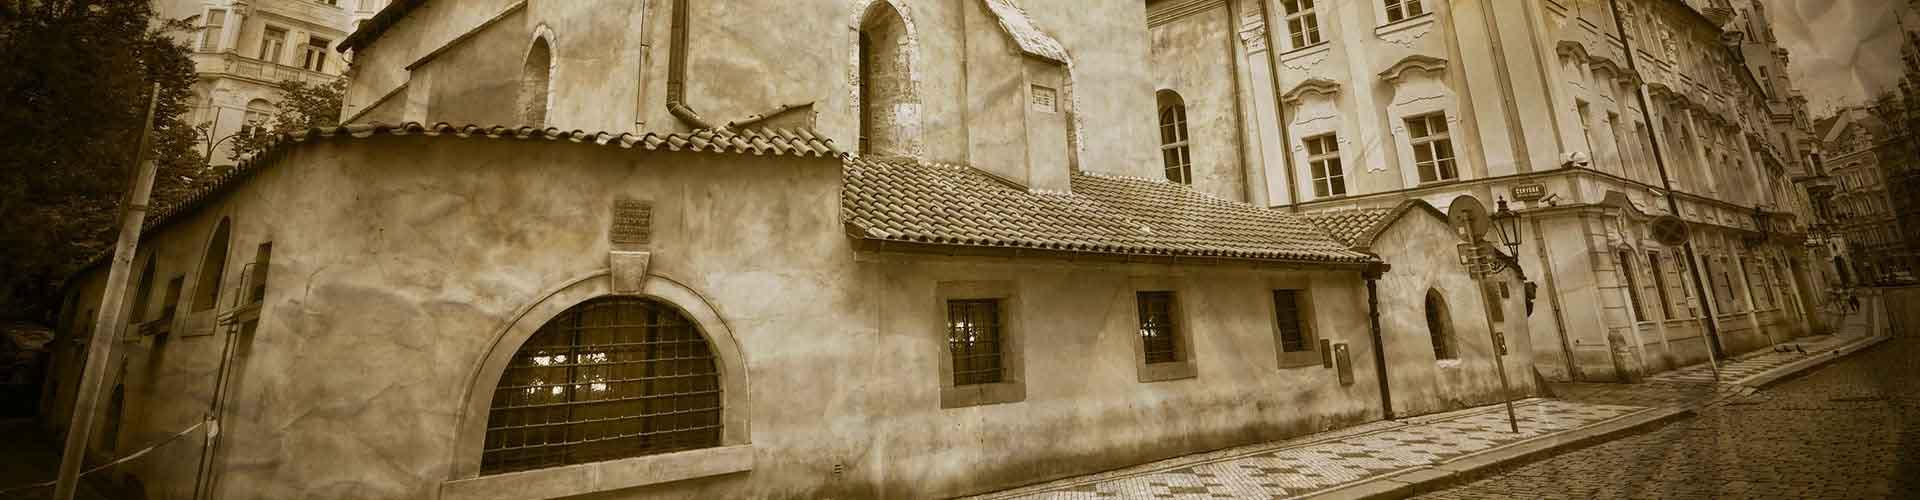 布拉格 – 犹太大会堂附近的公寓。布拉格地图,布拉格每间公寓的照片和评价。